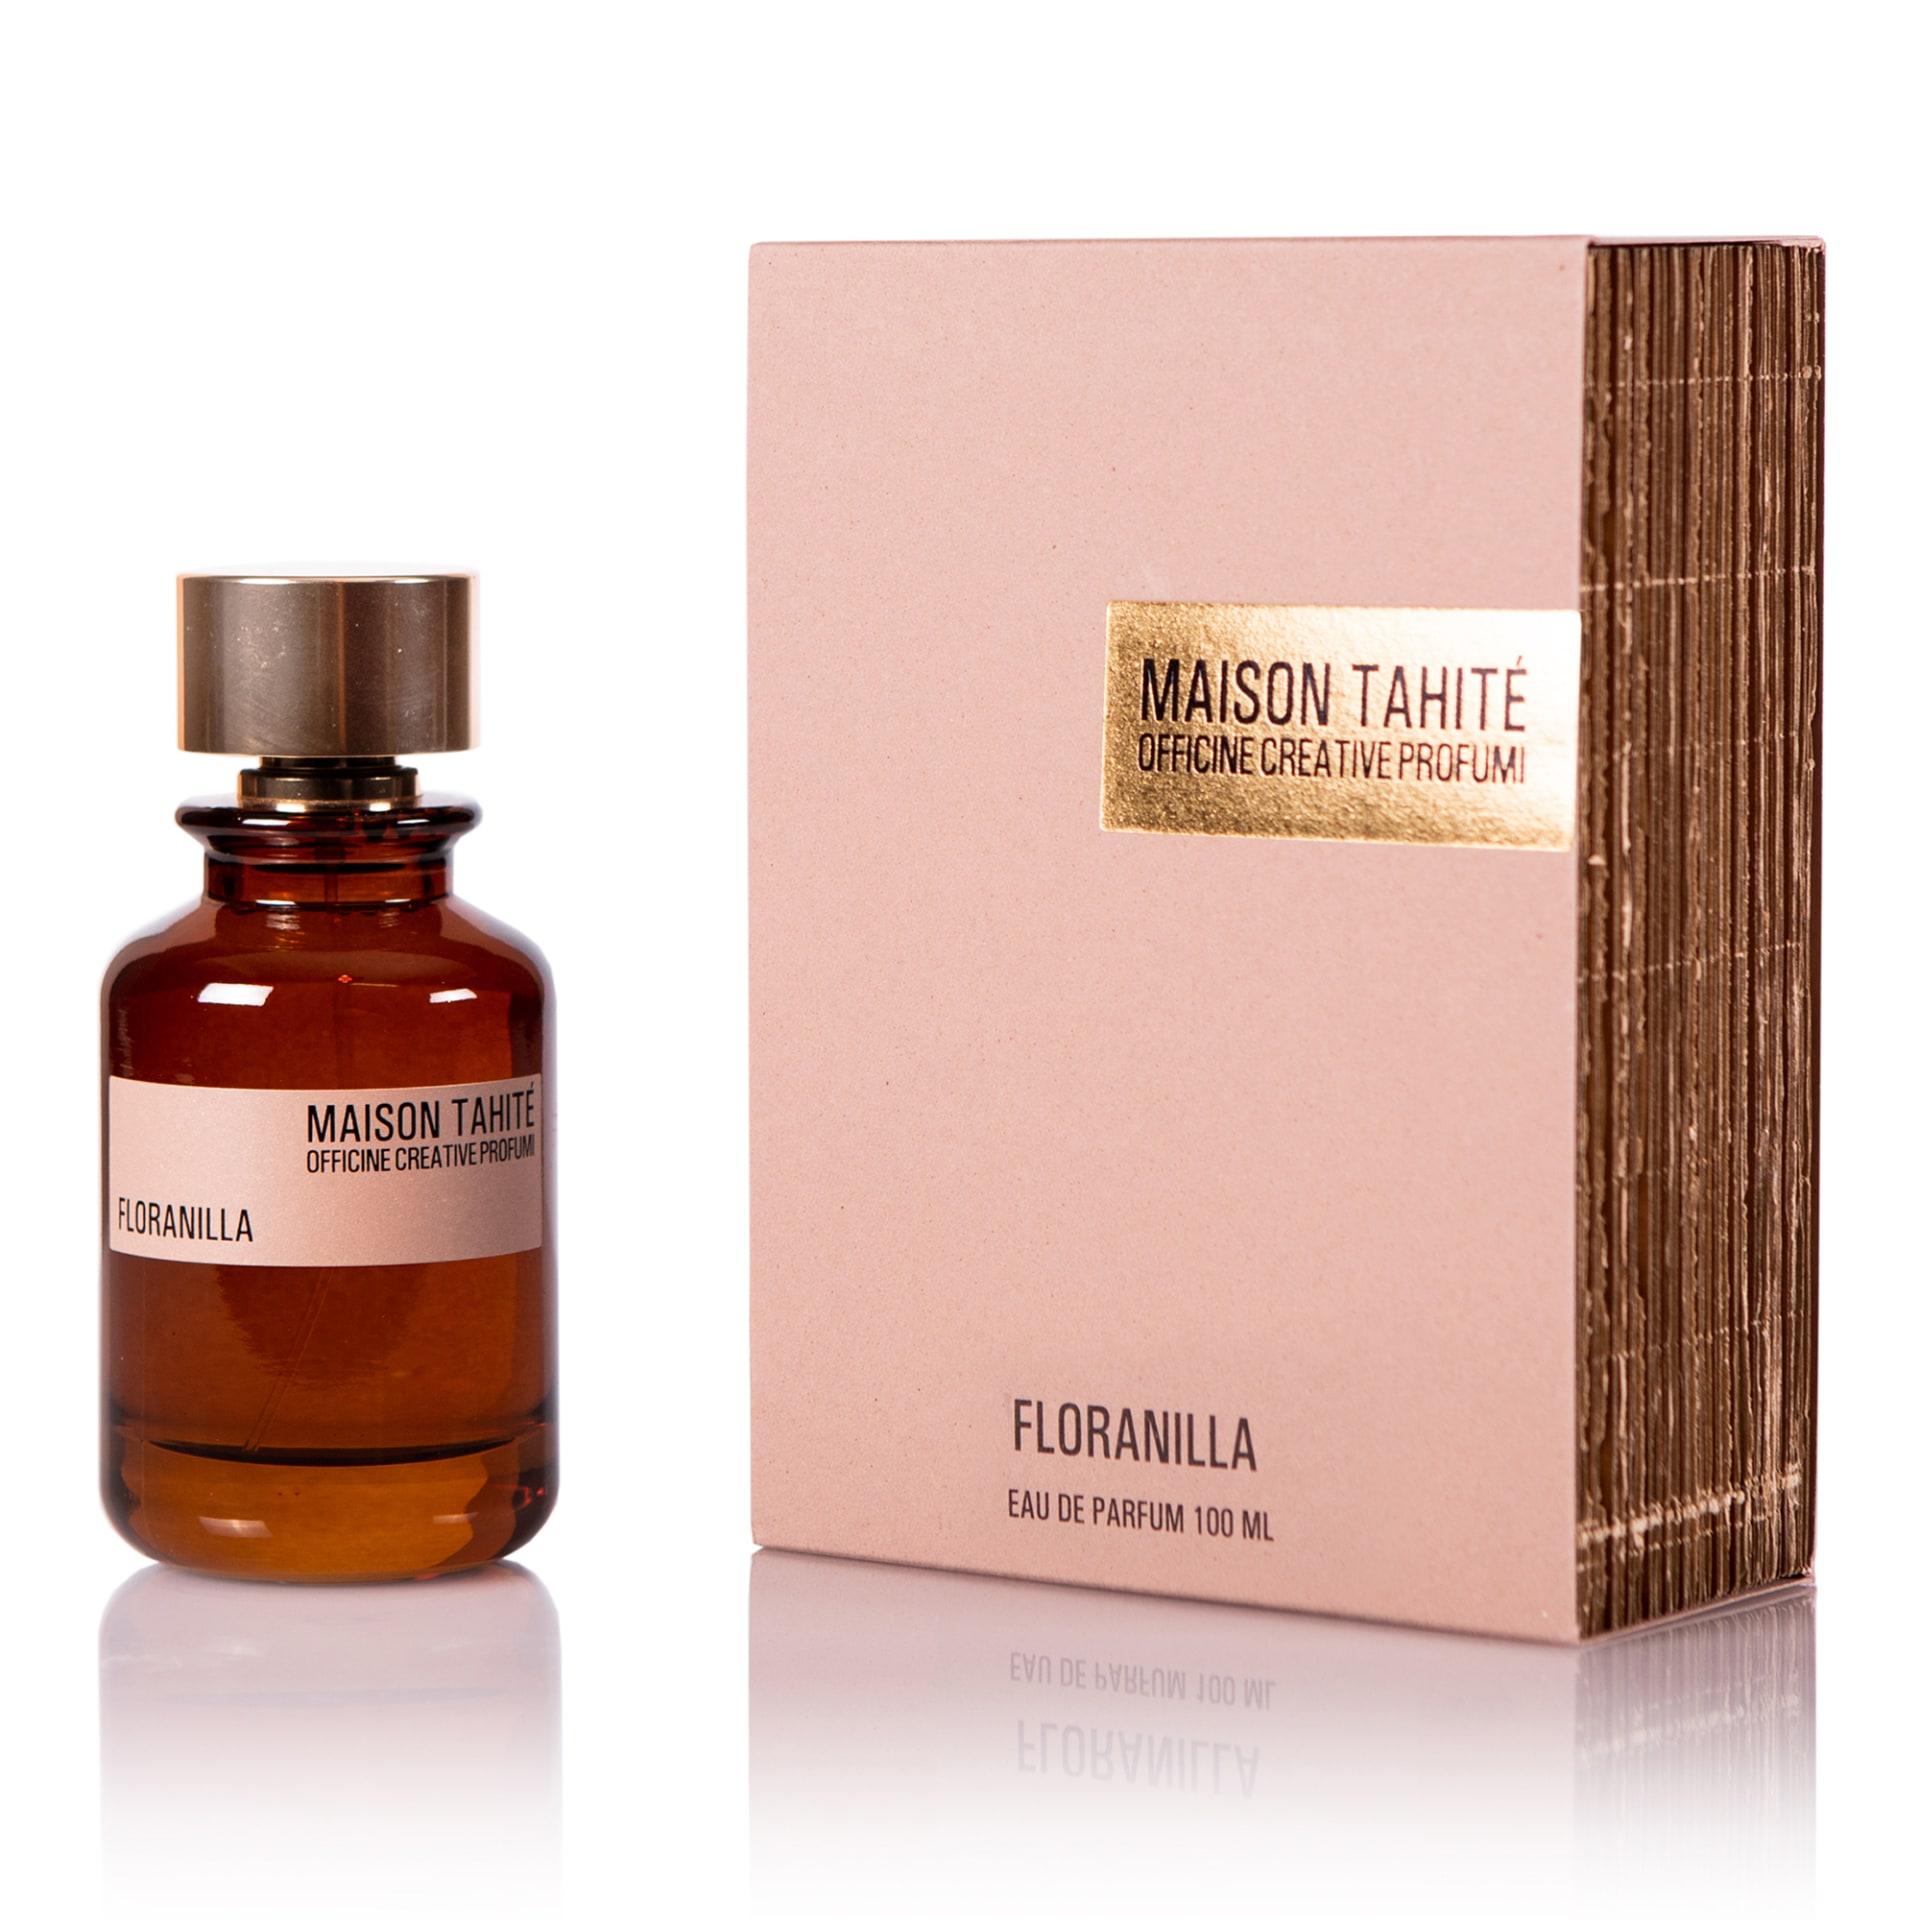 maison-tahite-floranilla-1